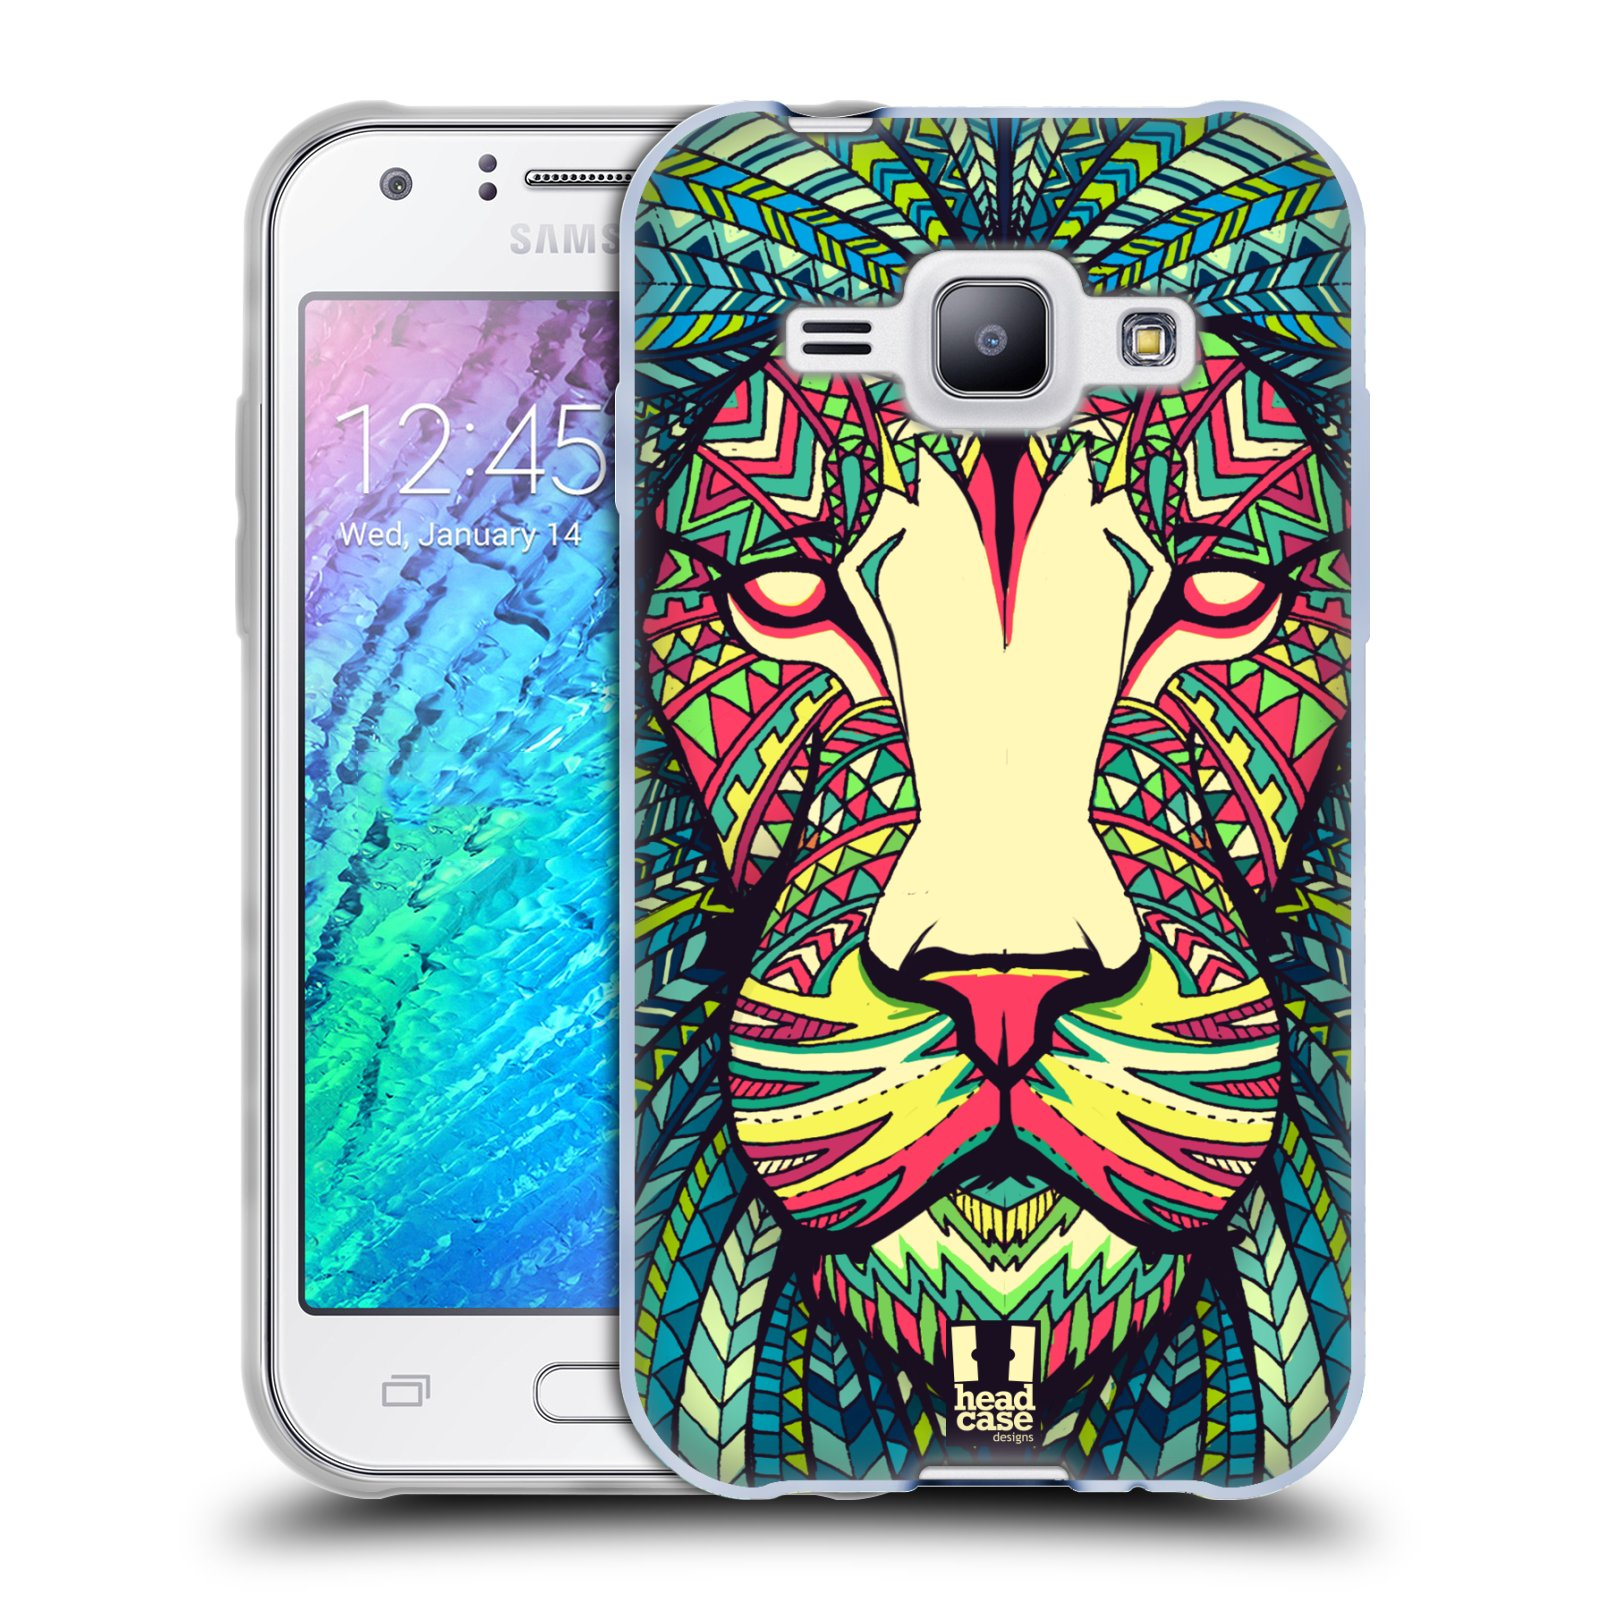 Silikonové pouzdro na mobil Samsung Galaxy J1 HEAD CASE AZTEC LEV (Silikonový kryt či obal na mobilní telefon Samsung Galaxy J1 a J1 Duos)